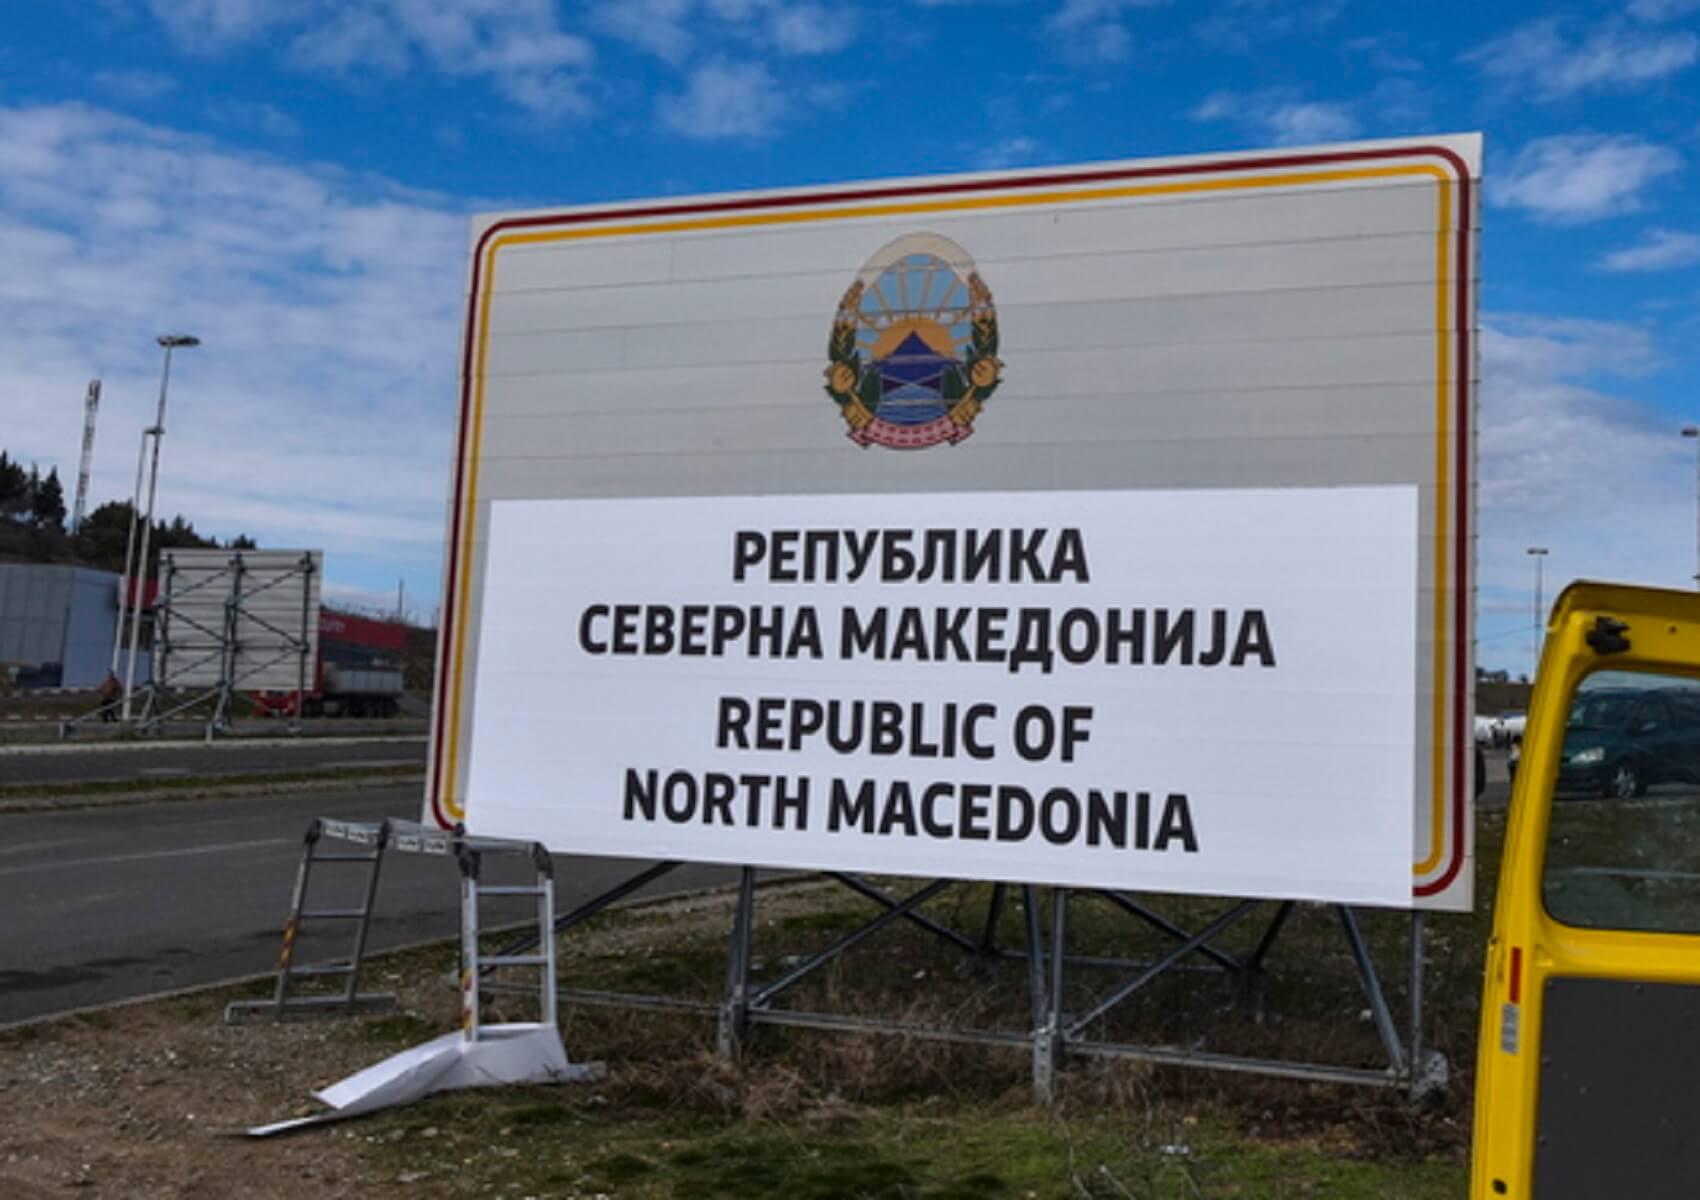 Βόρεια Μακεδονία: Ξεκίνησε η έκδοση ταυτοτήτων με το νέο συνταγματικό όνομα